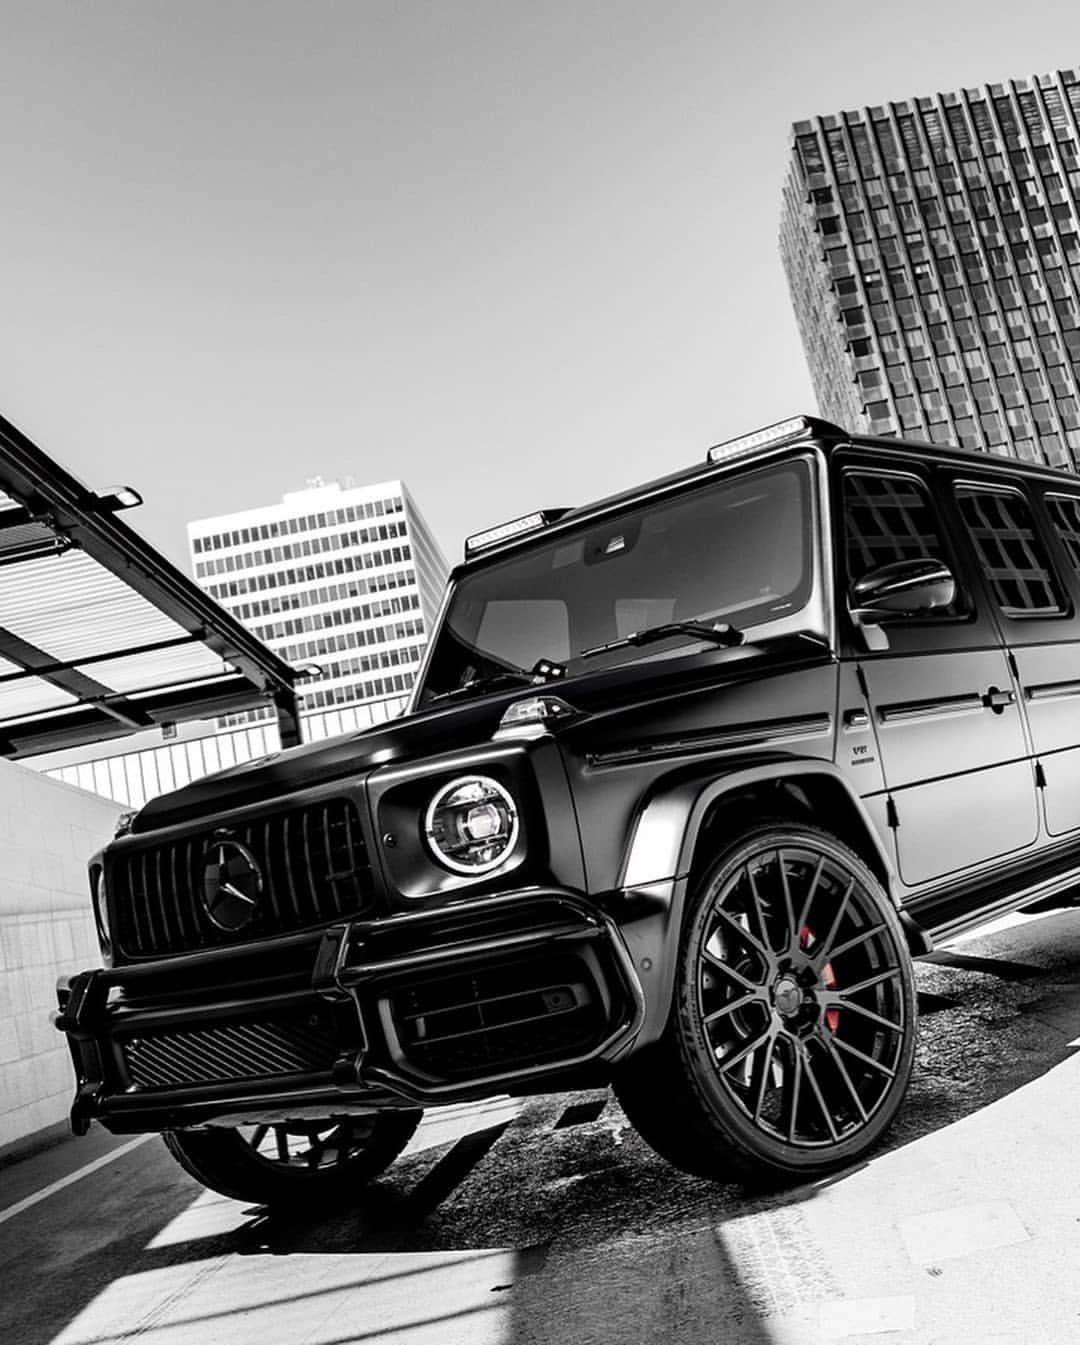 Shamshod Amirqulov Auf Instagram Mercedes Benz G Class G63 Amg W464 Mercedes Benz G Class Mercedes Benz Mercedes Benz Trucks